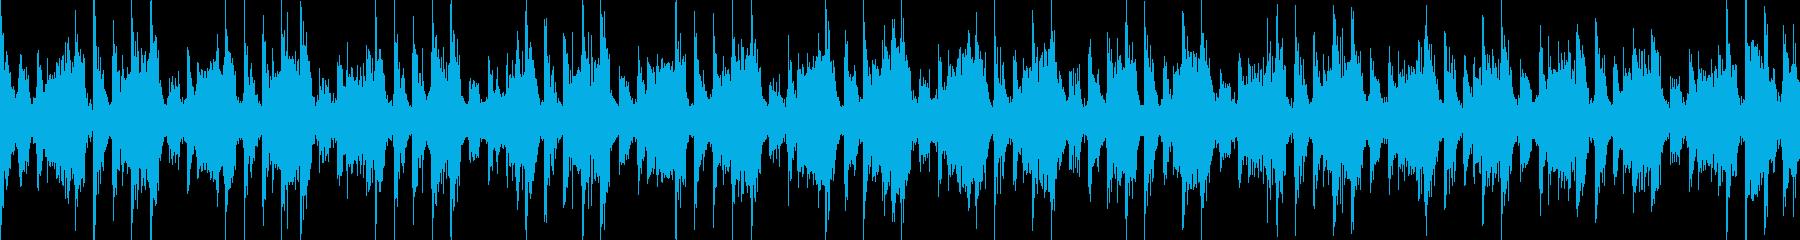 ピコピコ音の楽しいイージーリスニング曲の再生済みの波形